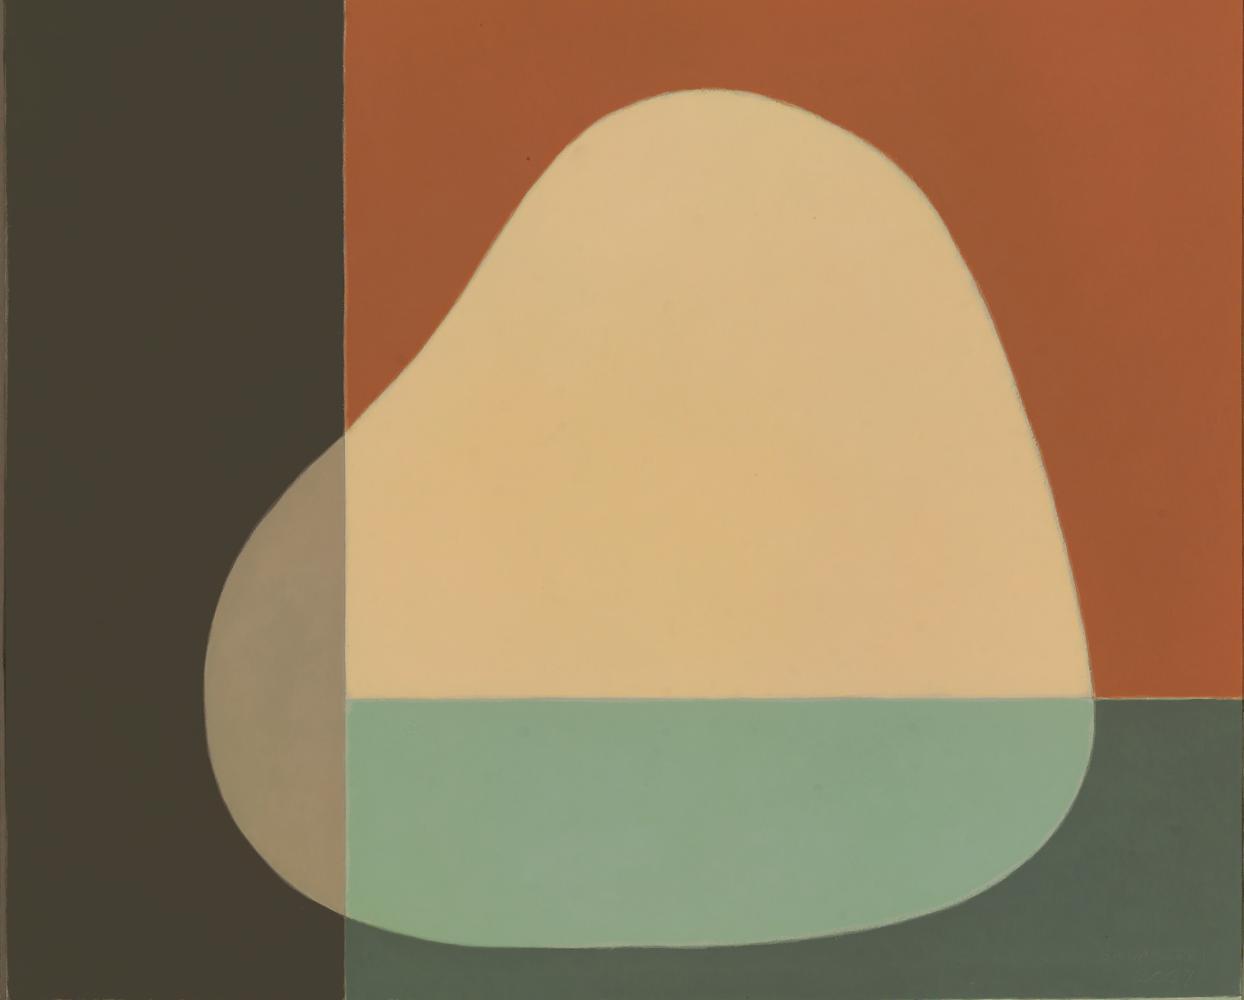 Sin título, 60 x 71 cm, óleo madera, 2007.